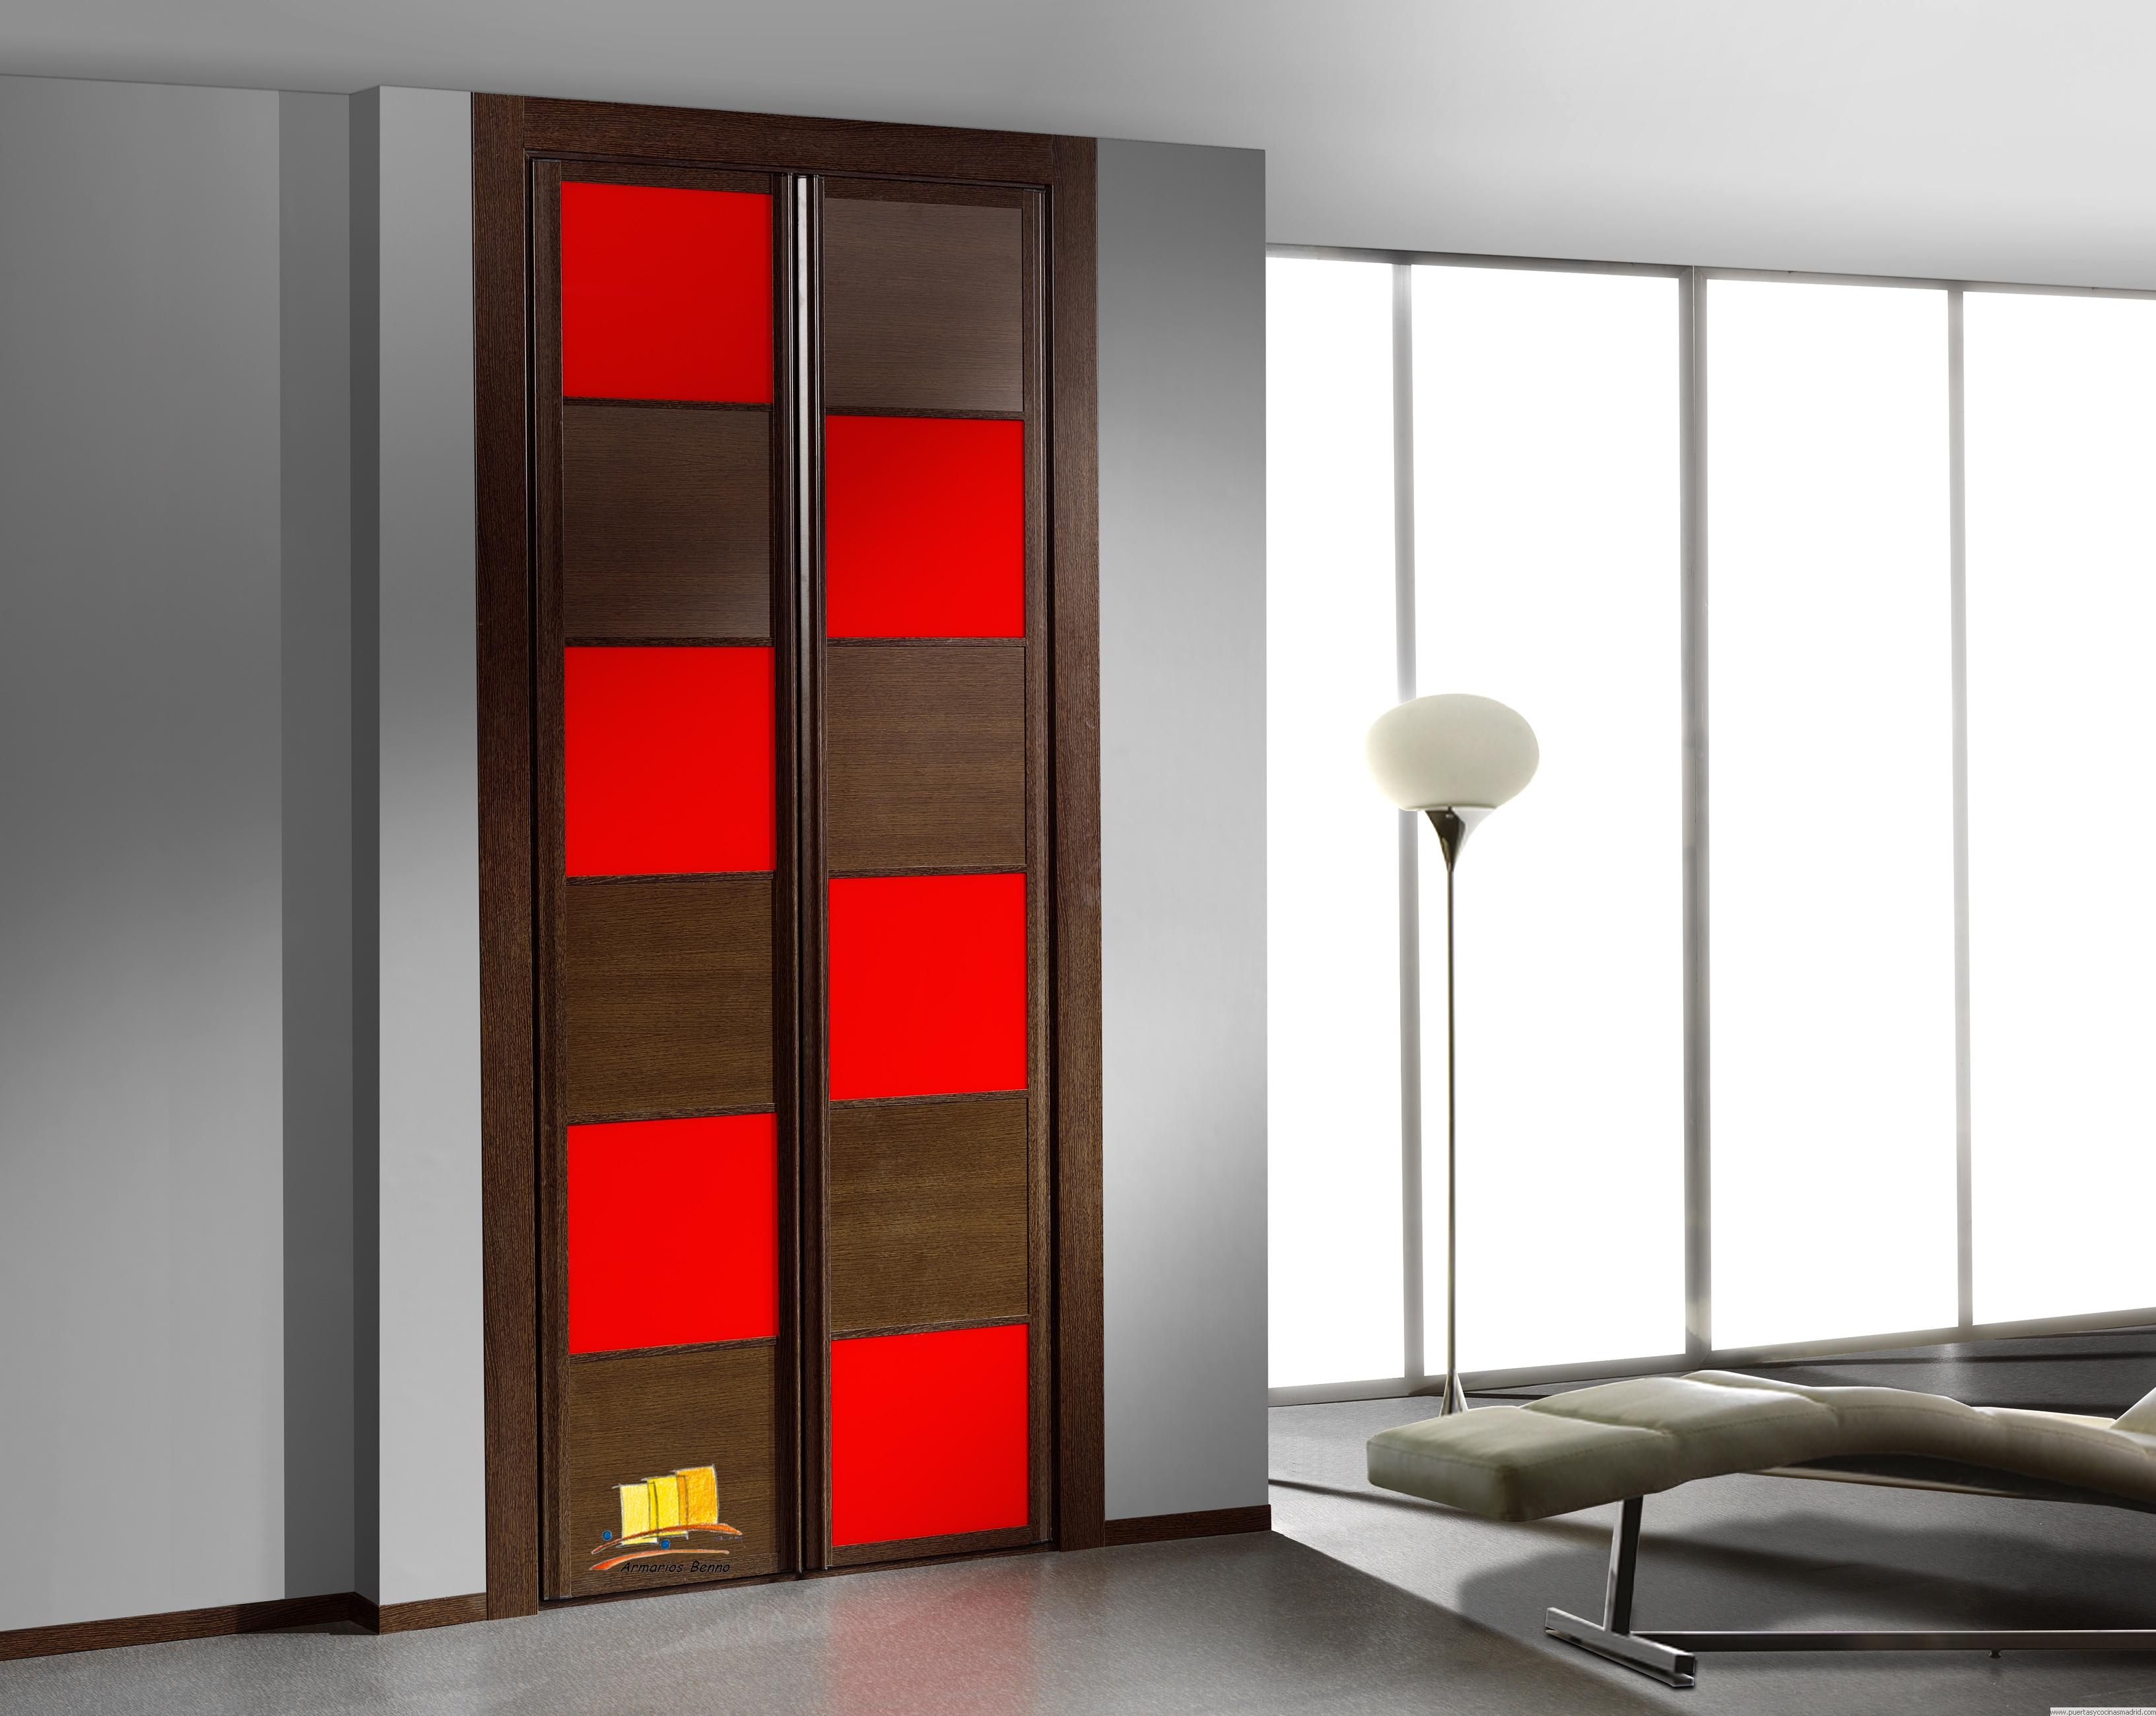 Armarios interior madrid armarios baratos comprar armarios for Puertas de interior modernas precios